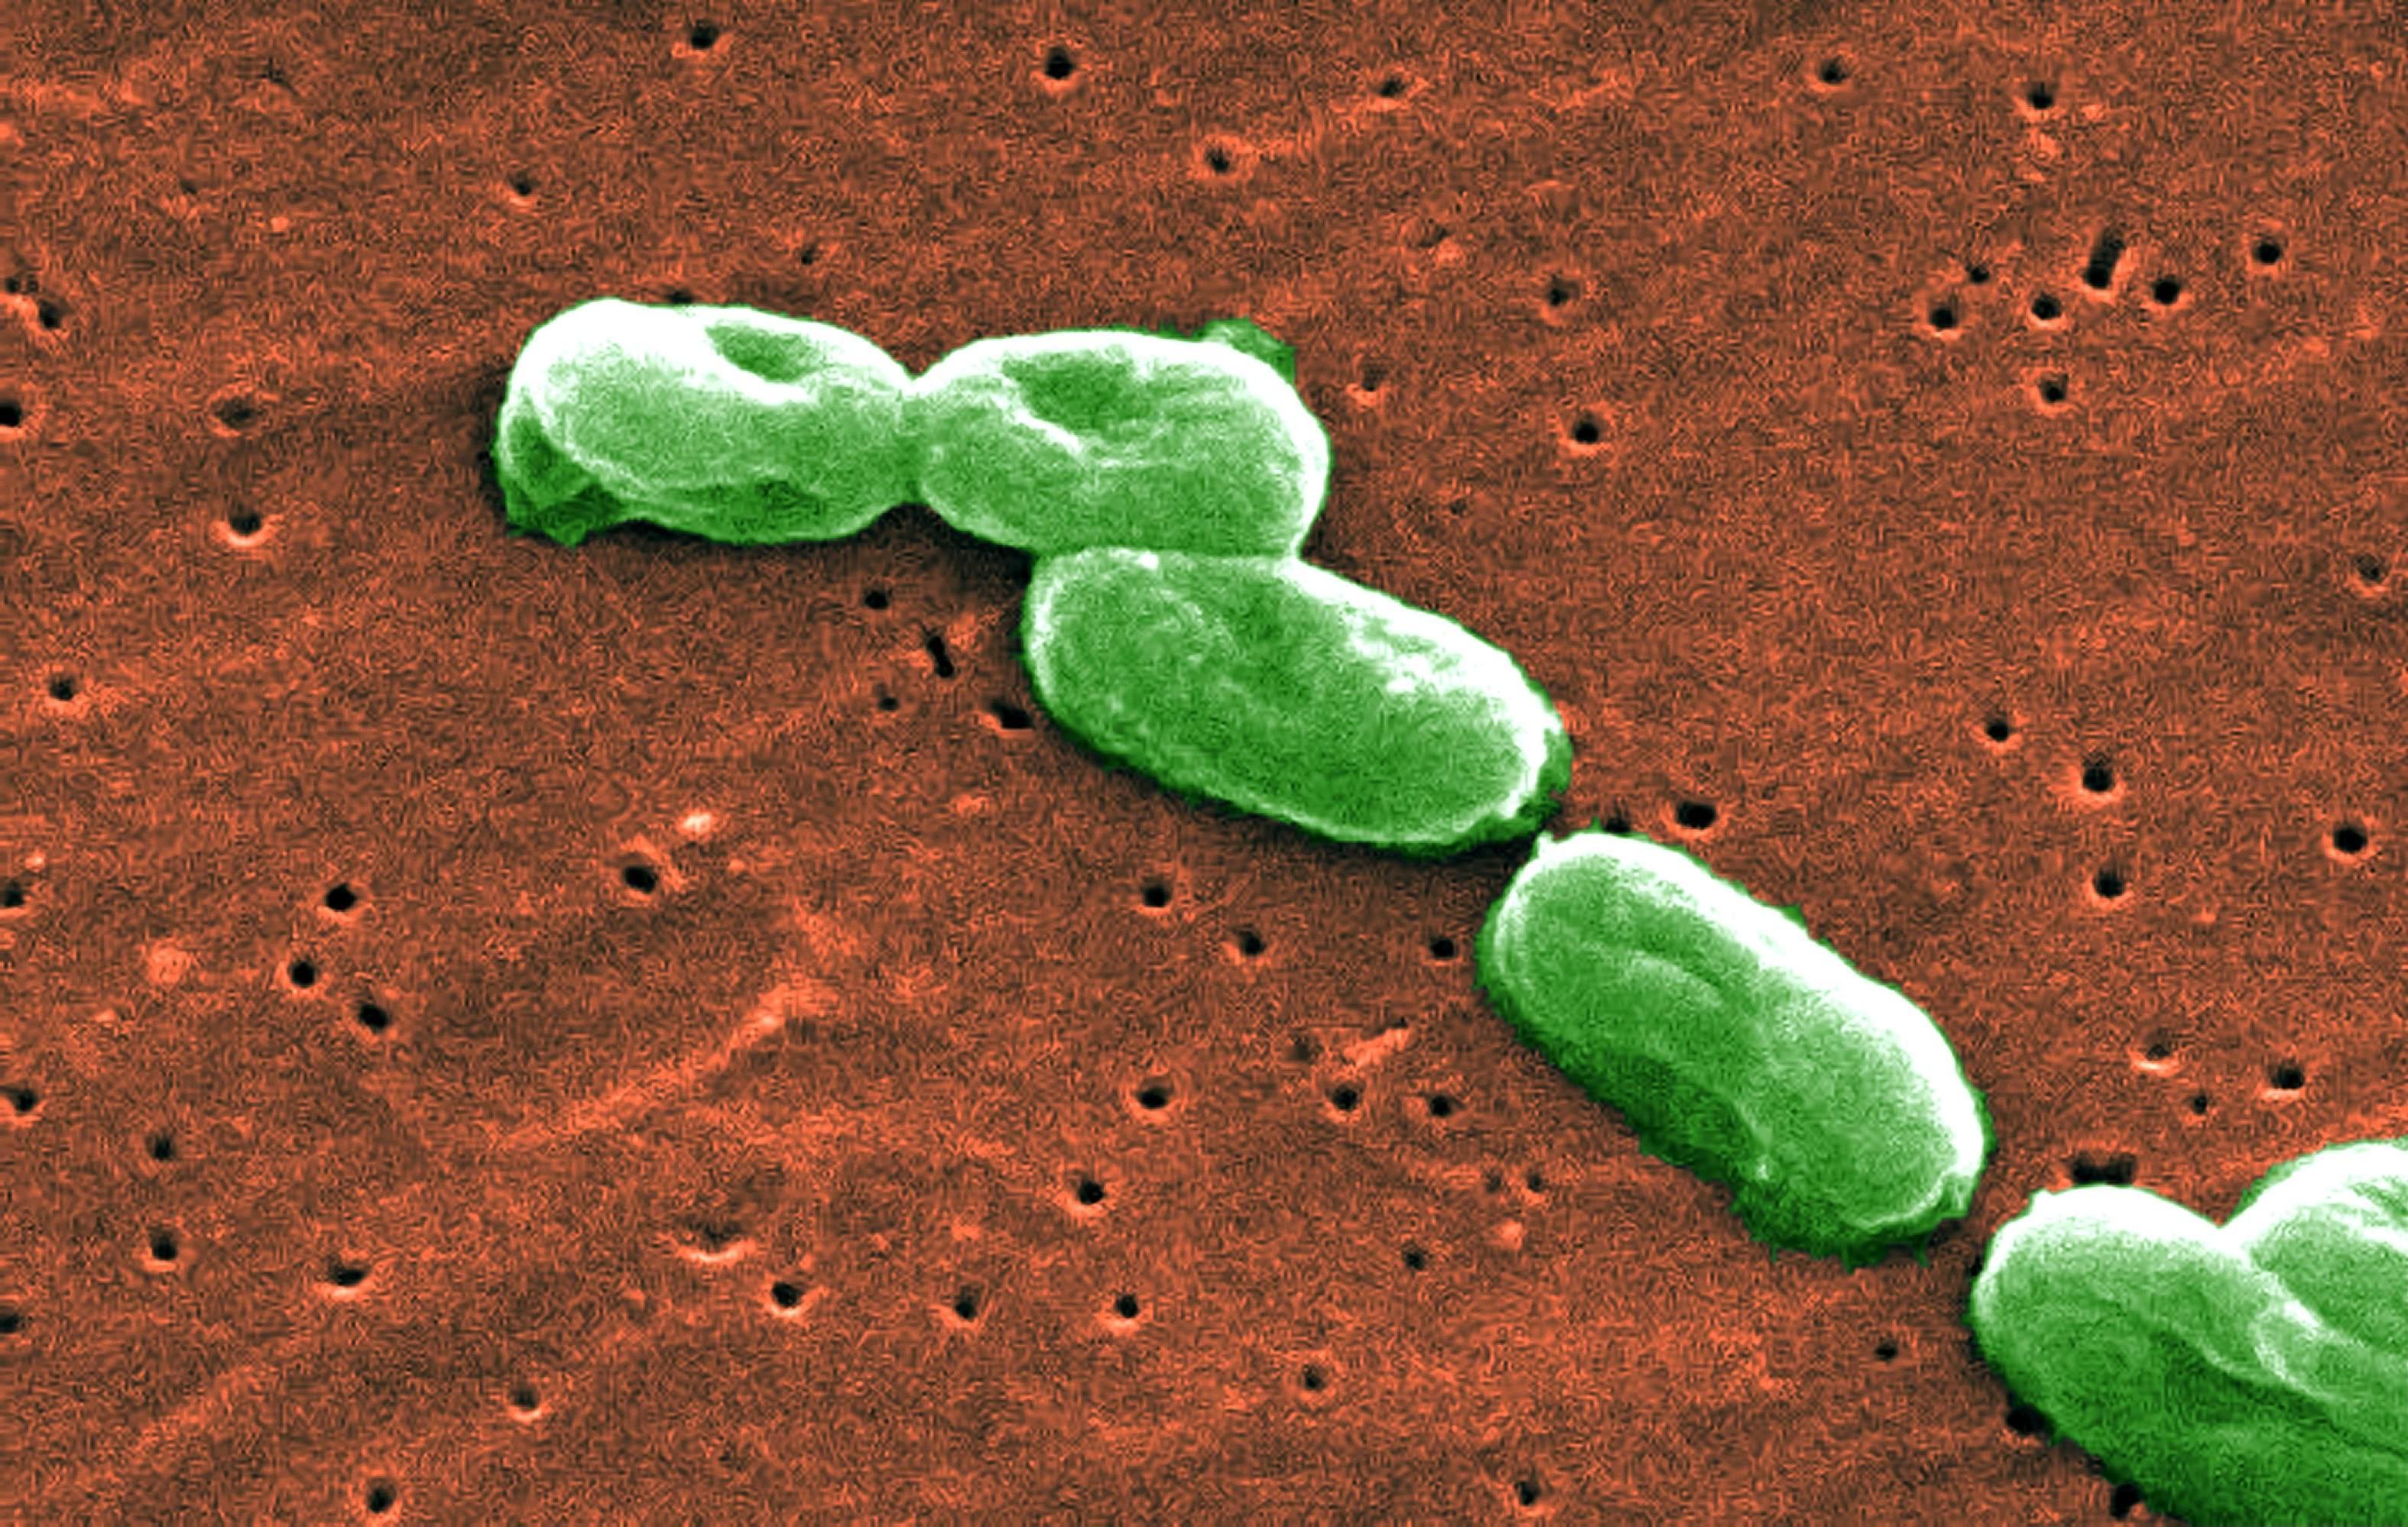 Ученые впервые внесли целевые изменения в митохондриальную ДНК